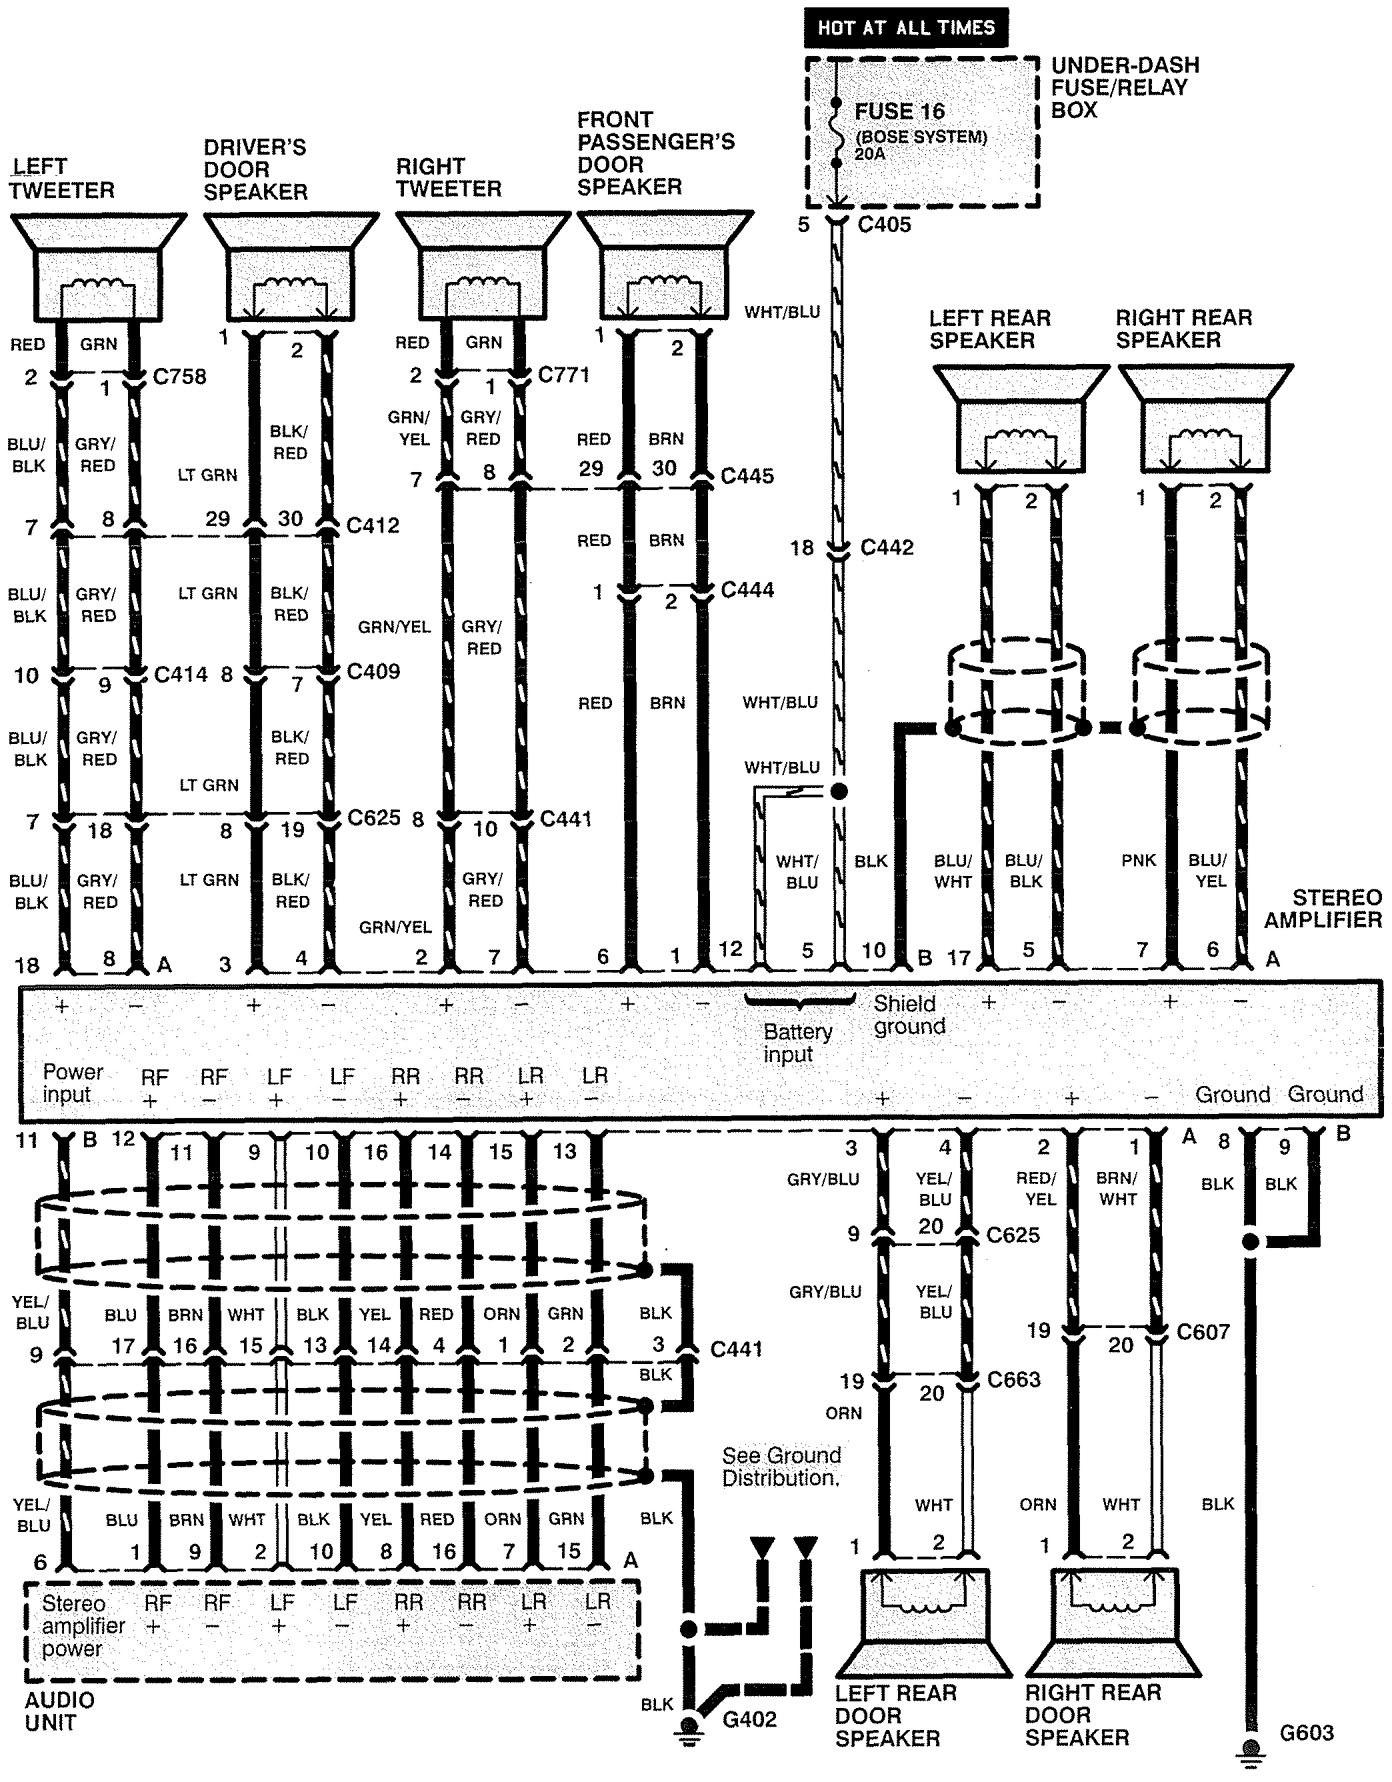 Acura rl wiring diagram audio part 2